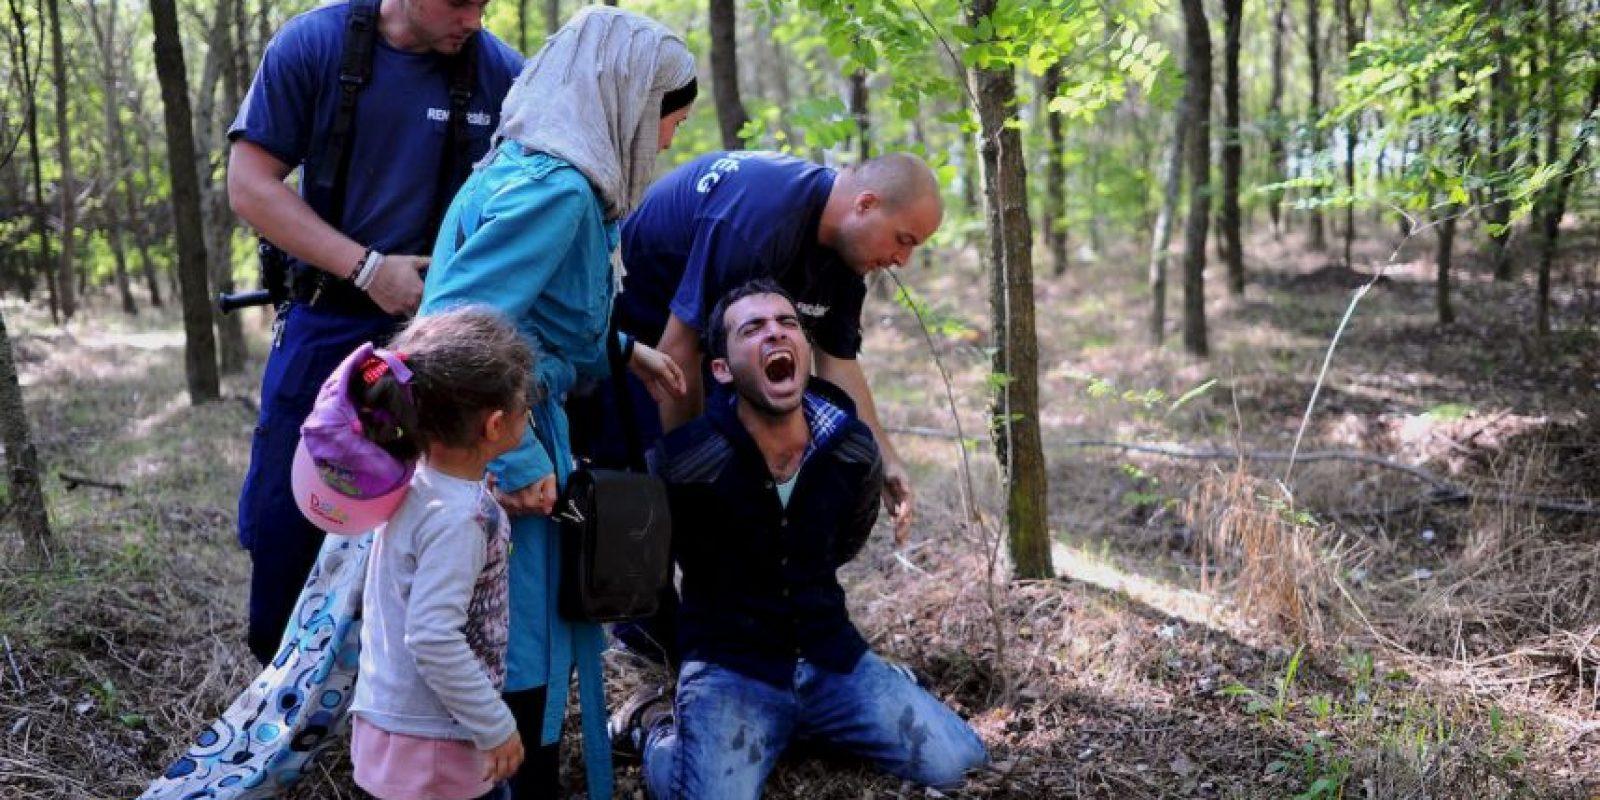 Migrante es arrestado en la frontera de Hungría y Serbia. Foto:AFP